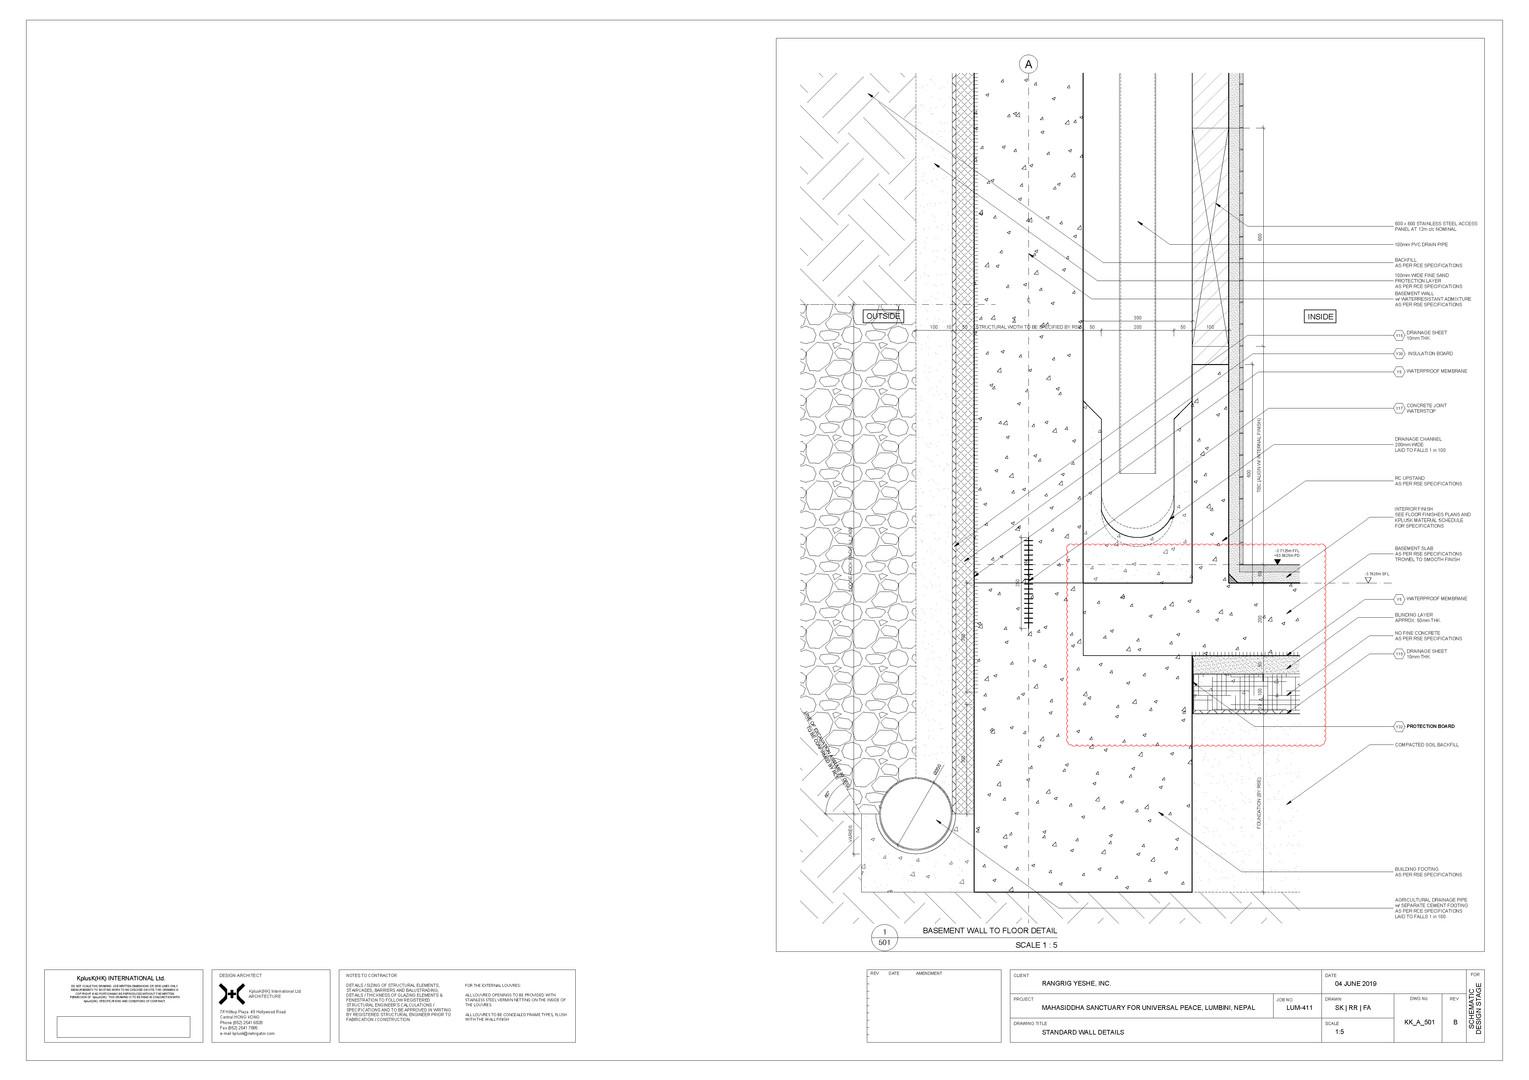 KK_A_501-Rev_B Standard Wall Details.jpg